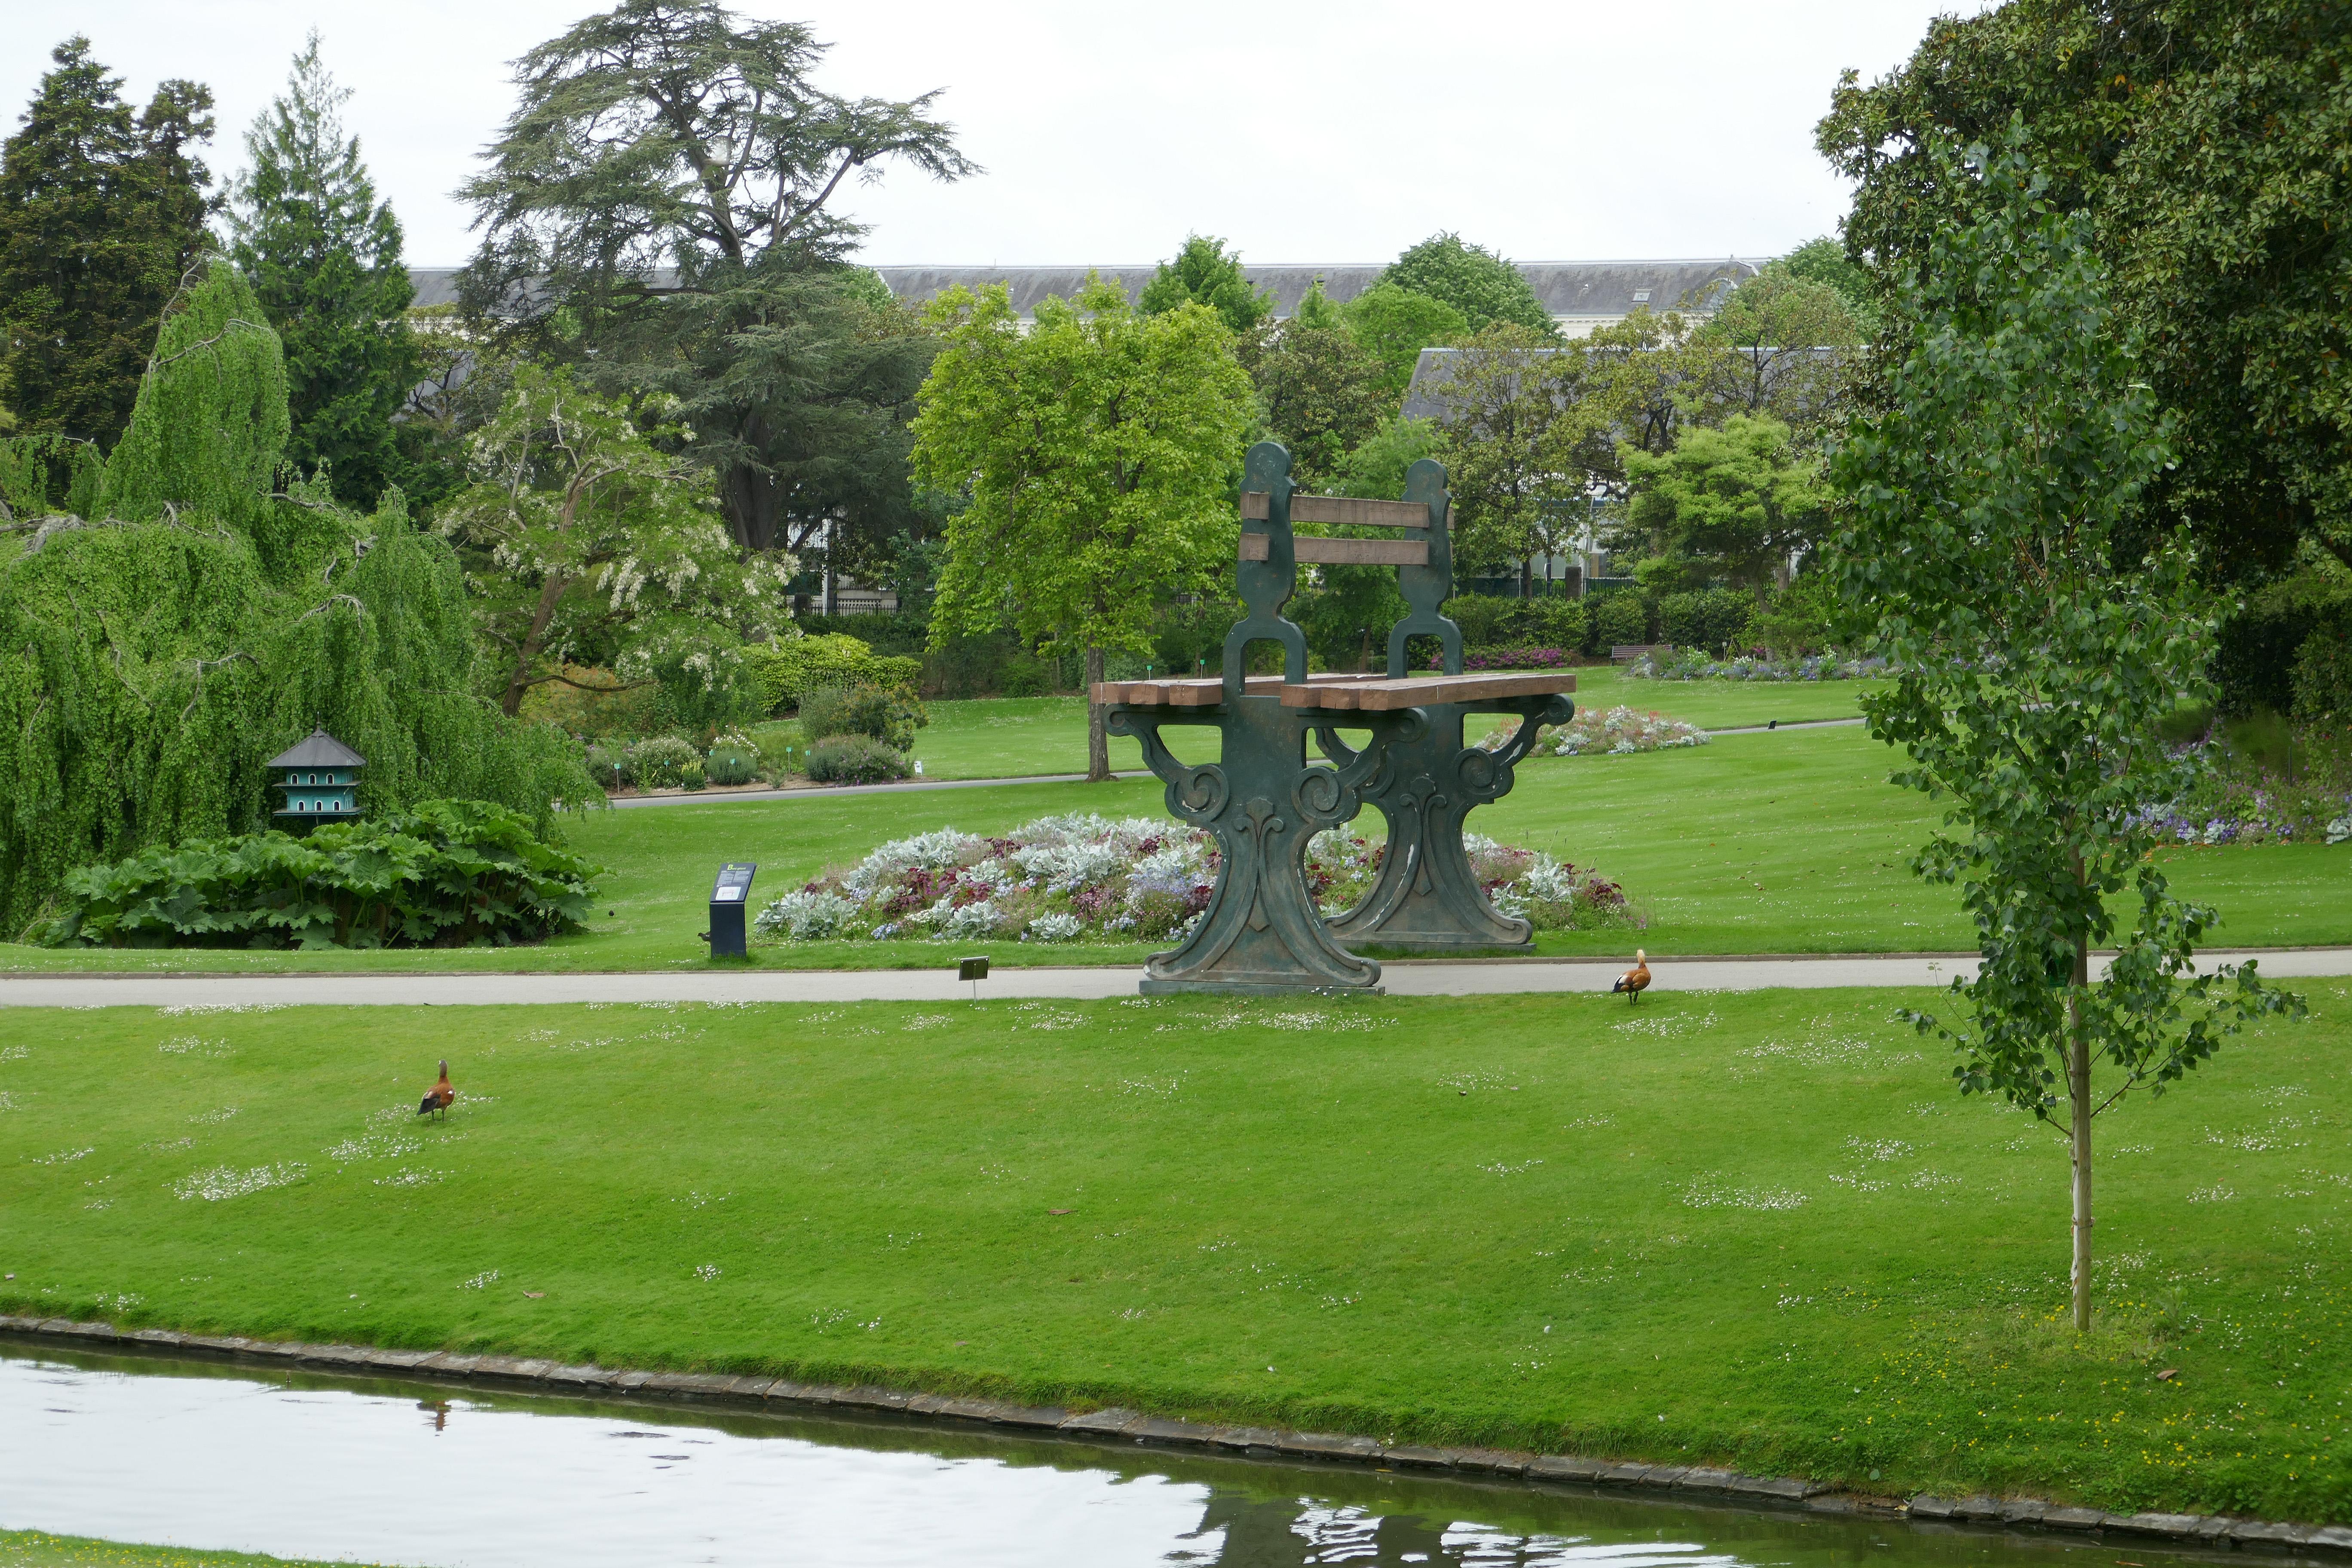 File:Banc géant-Jardin des plantes de Nantes.jpg - Wikimedia Commons